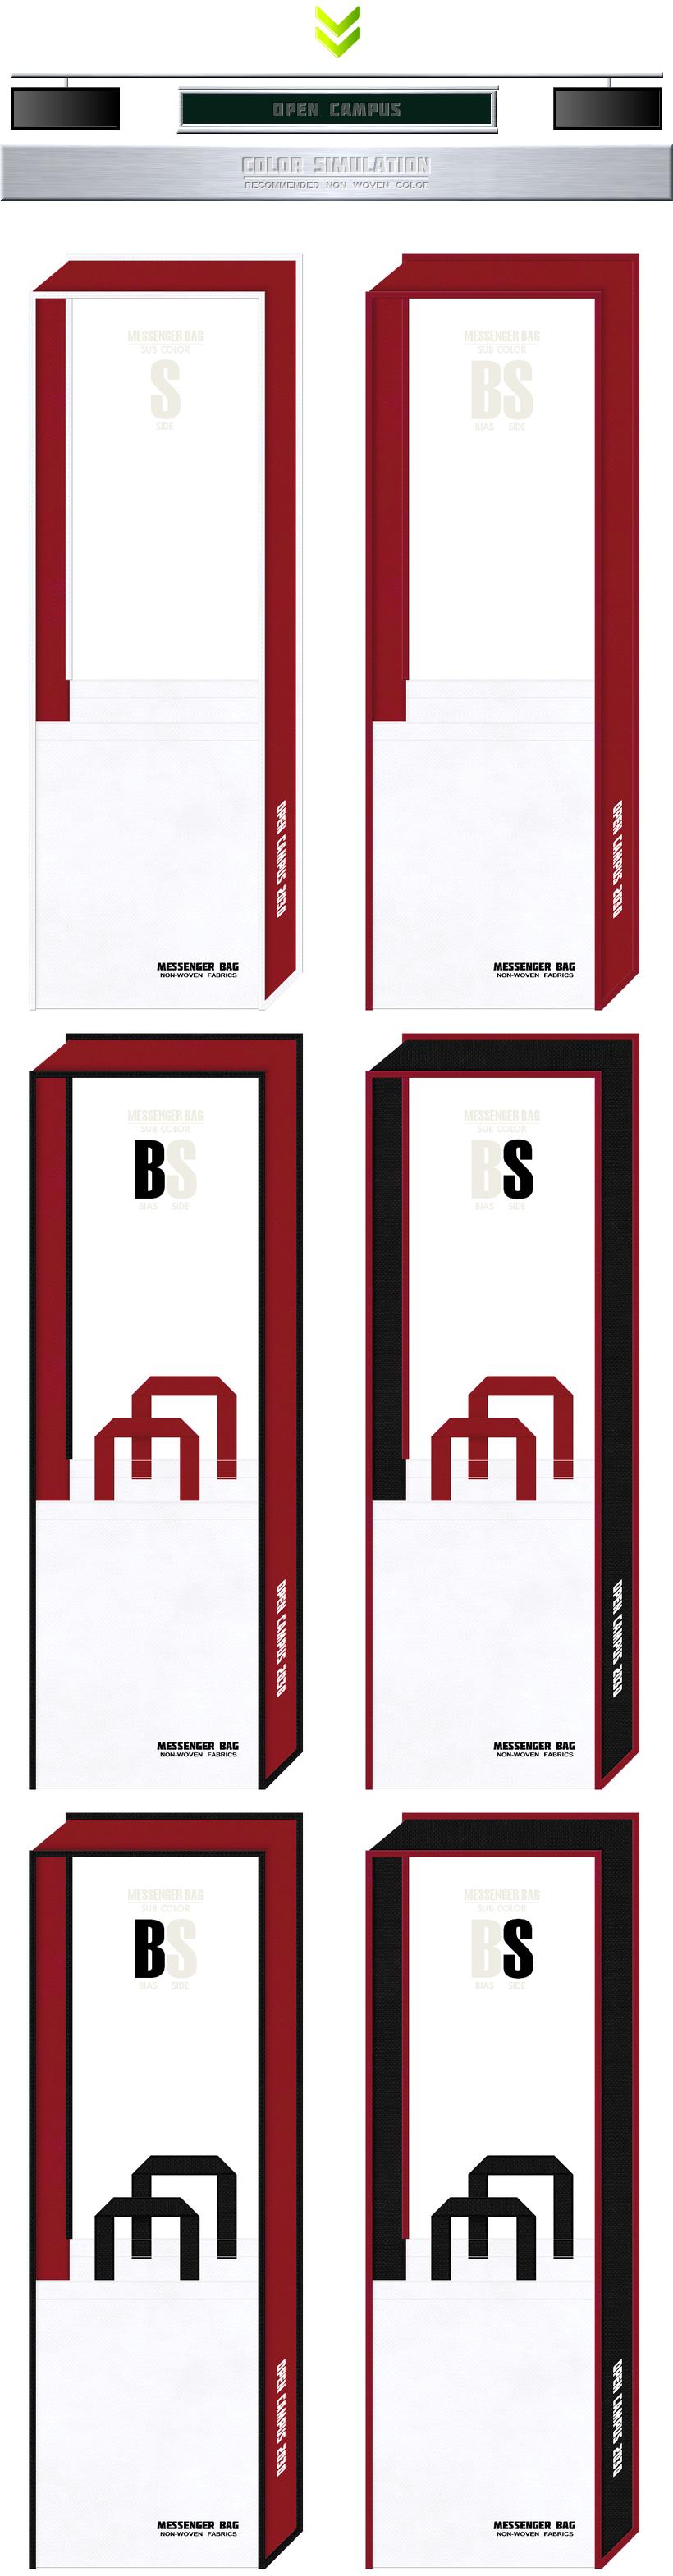 白色とエンジ色をメインに使用した、不織布メッセンジャーバッグのカラーシミュレーション(学校・学園):オープンキャンパスのバッグ